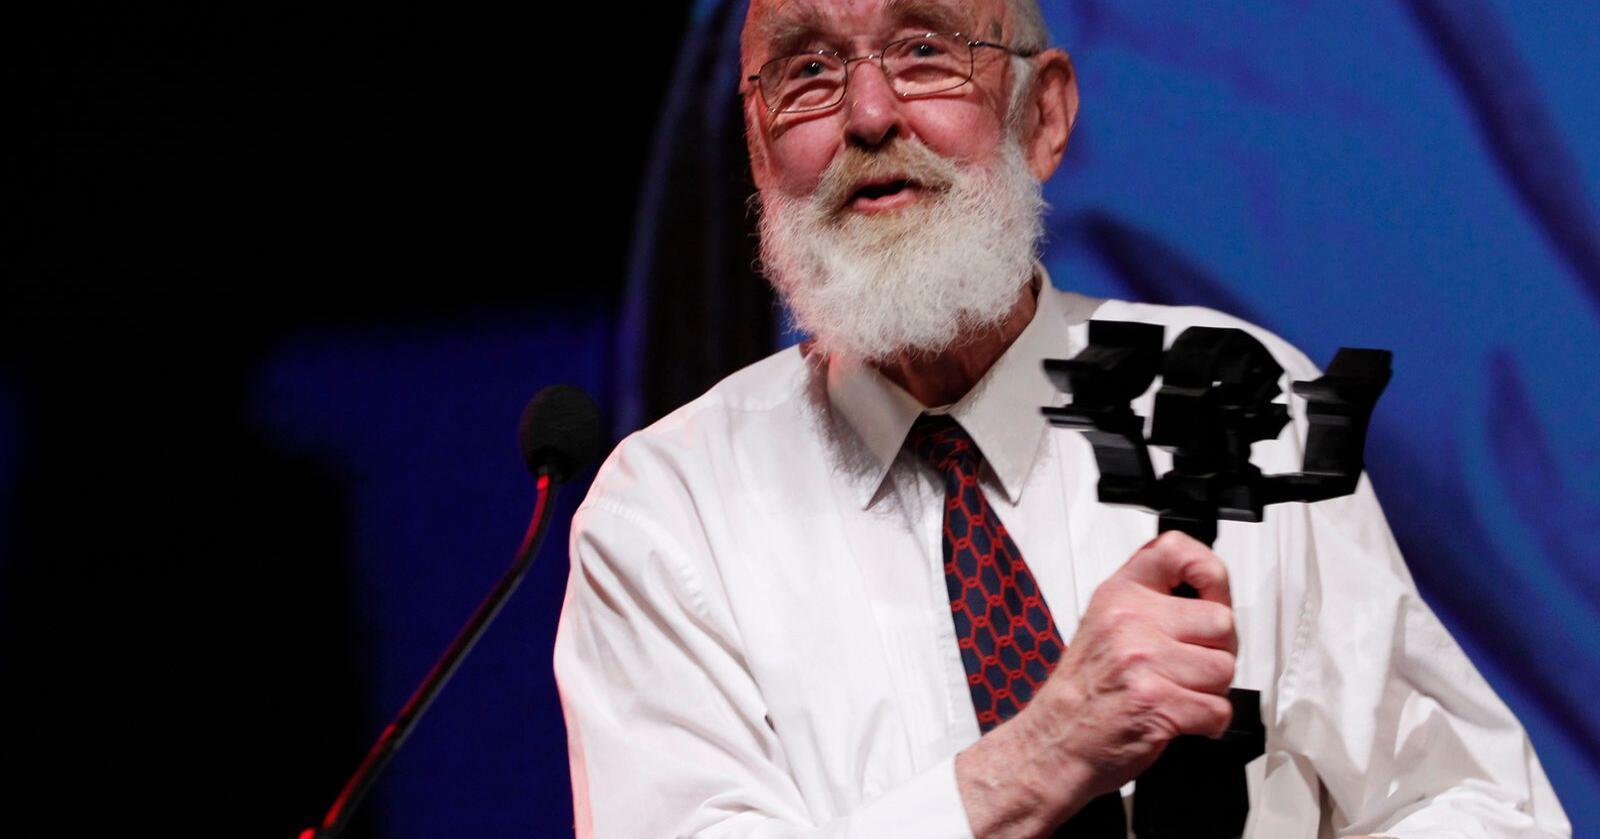 Oslo  20111124.Forfatteren Kolbein Falkeid mottar hedersprisen under utdelingen av Brageprisen i Gamle Logen i Oslo torsdag kveld.Foto: Håkon Mosvold Larsen / NTB